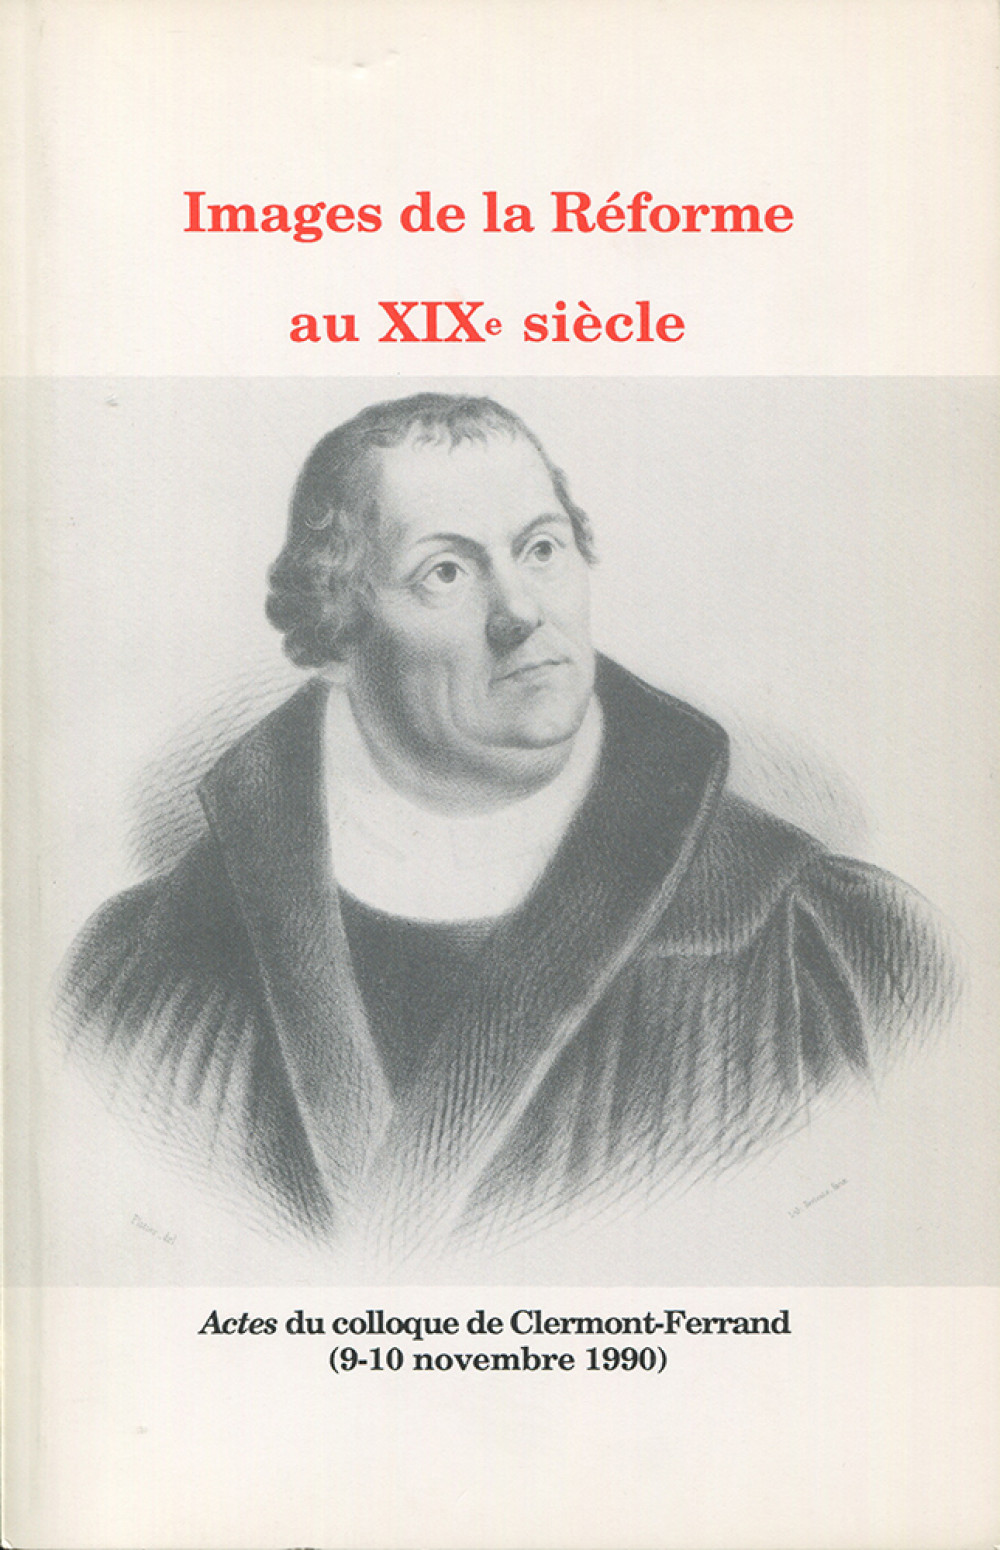 """Images de la Réforme au <span style=""""font-variant: small-caps"""">XIX</span><sup>e</sup> siècle"""